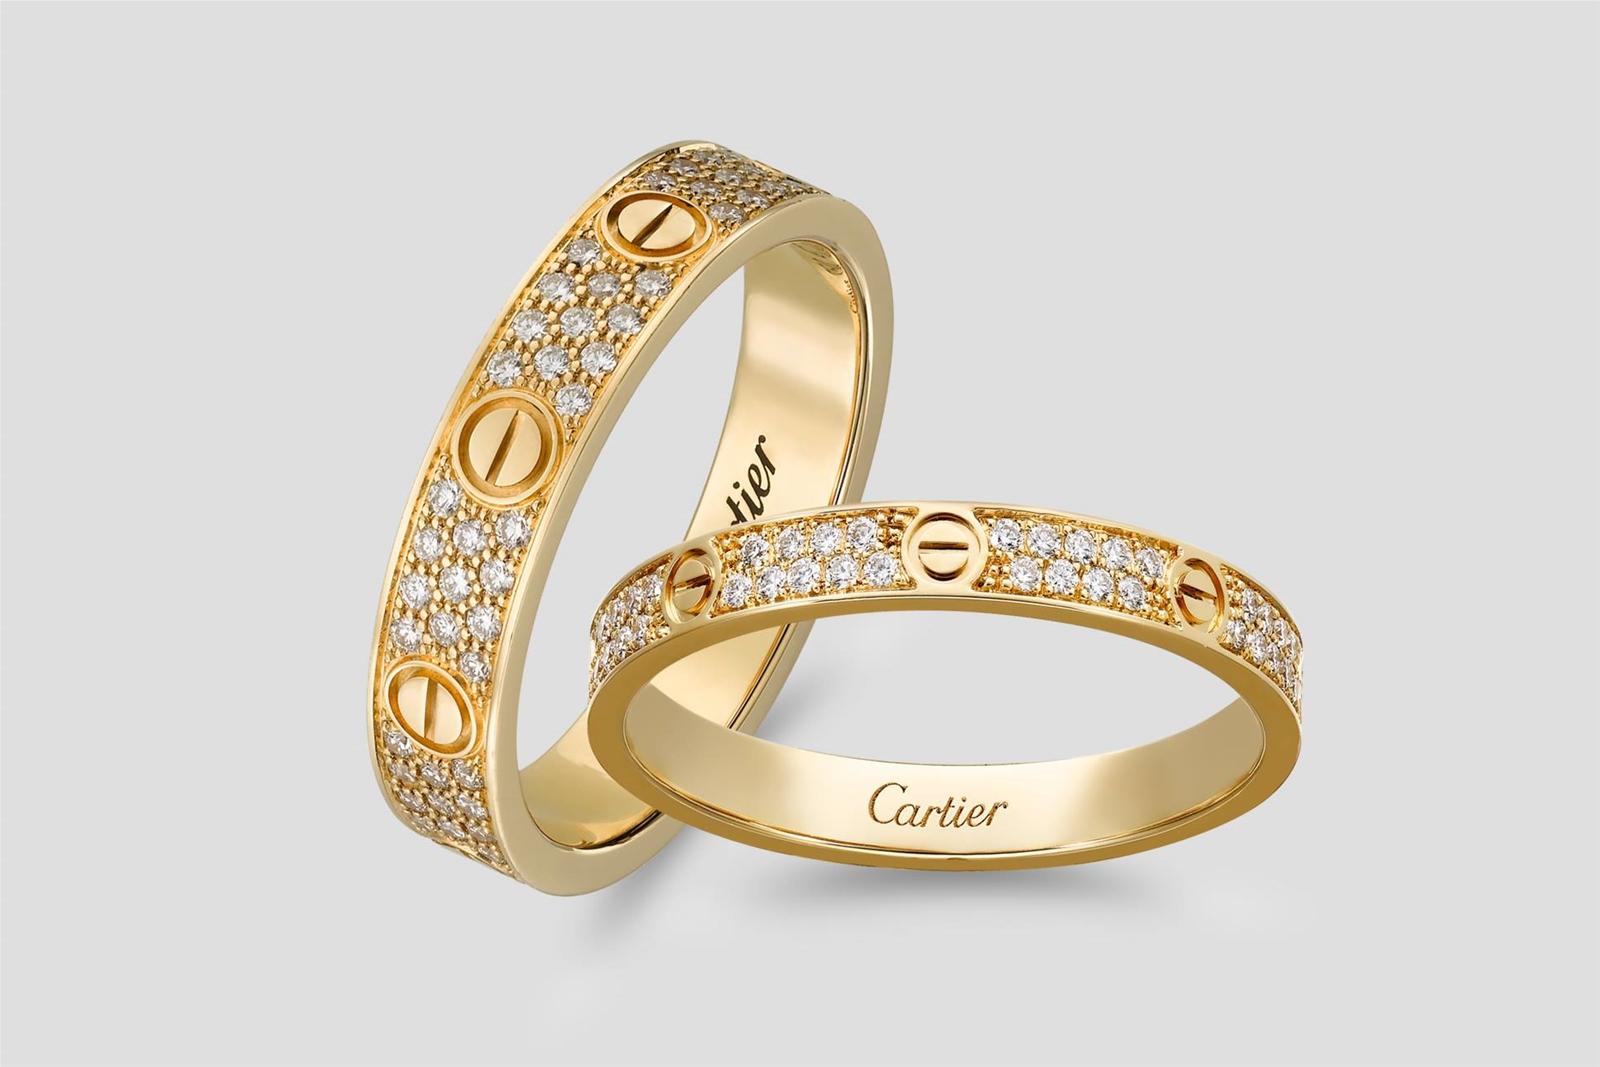 Mách bạn làm sao để mua nhẫn cartier chính hãng, chất lượng?